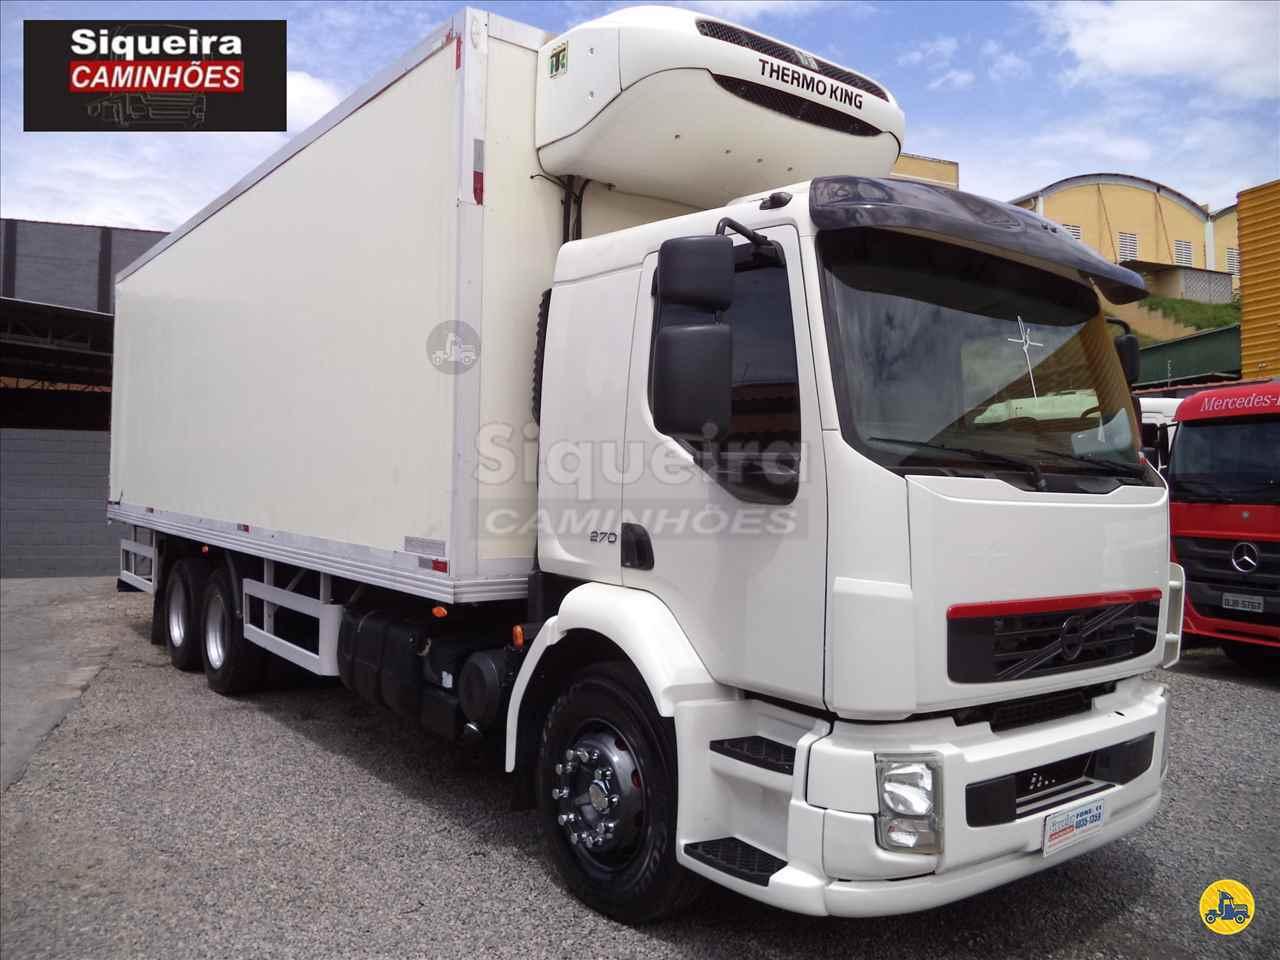 CAMINHAO VOLVO VOLVO VM 270 Baú Frigorífico Truck 6x2 Siqueira Caminhões BRAGANCA PAULISTA SÃO PAULO SP